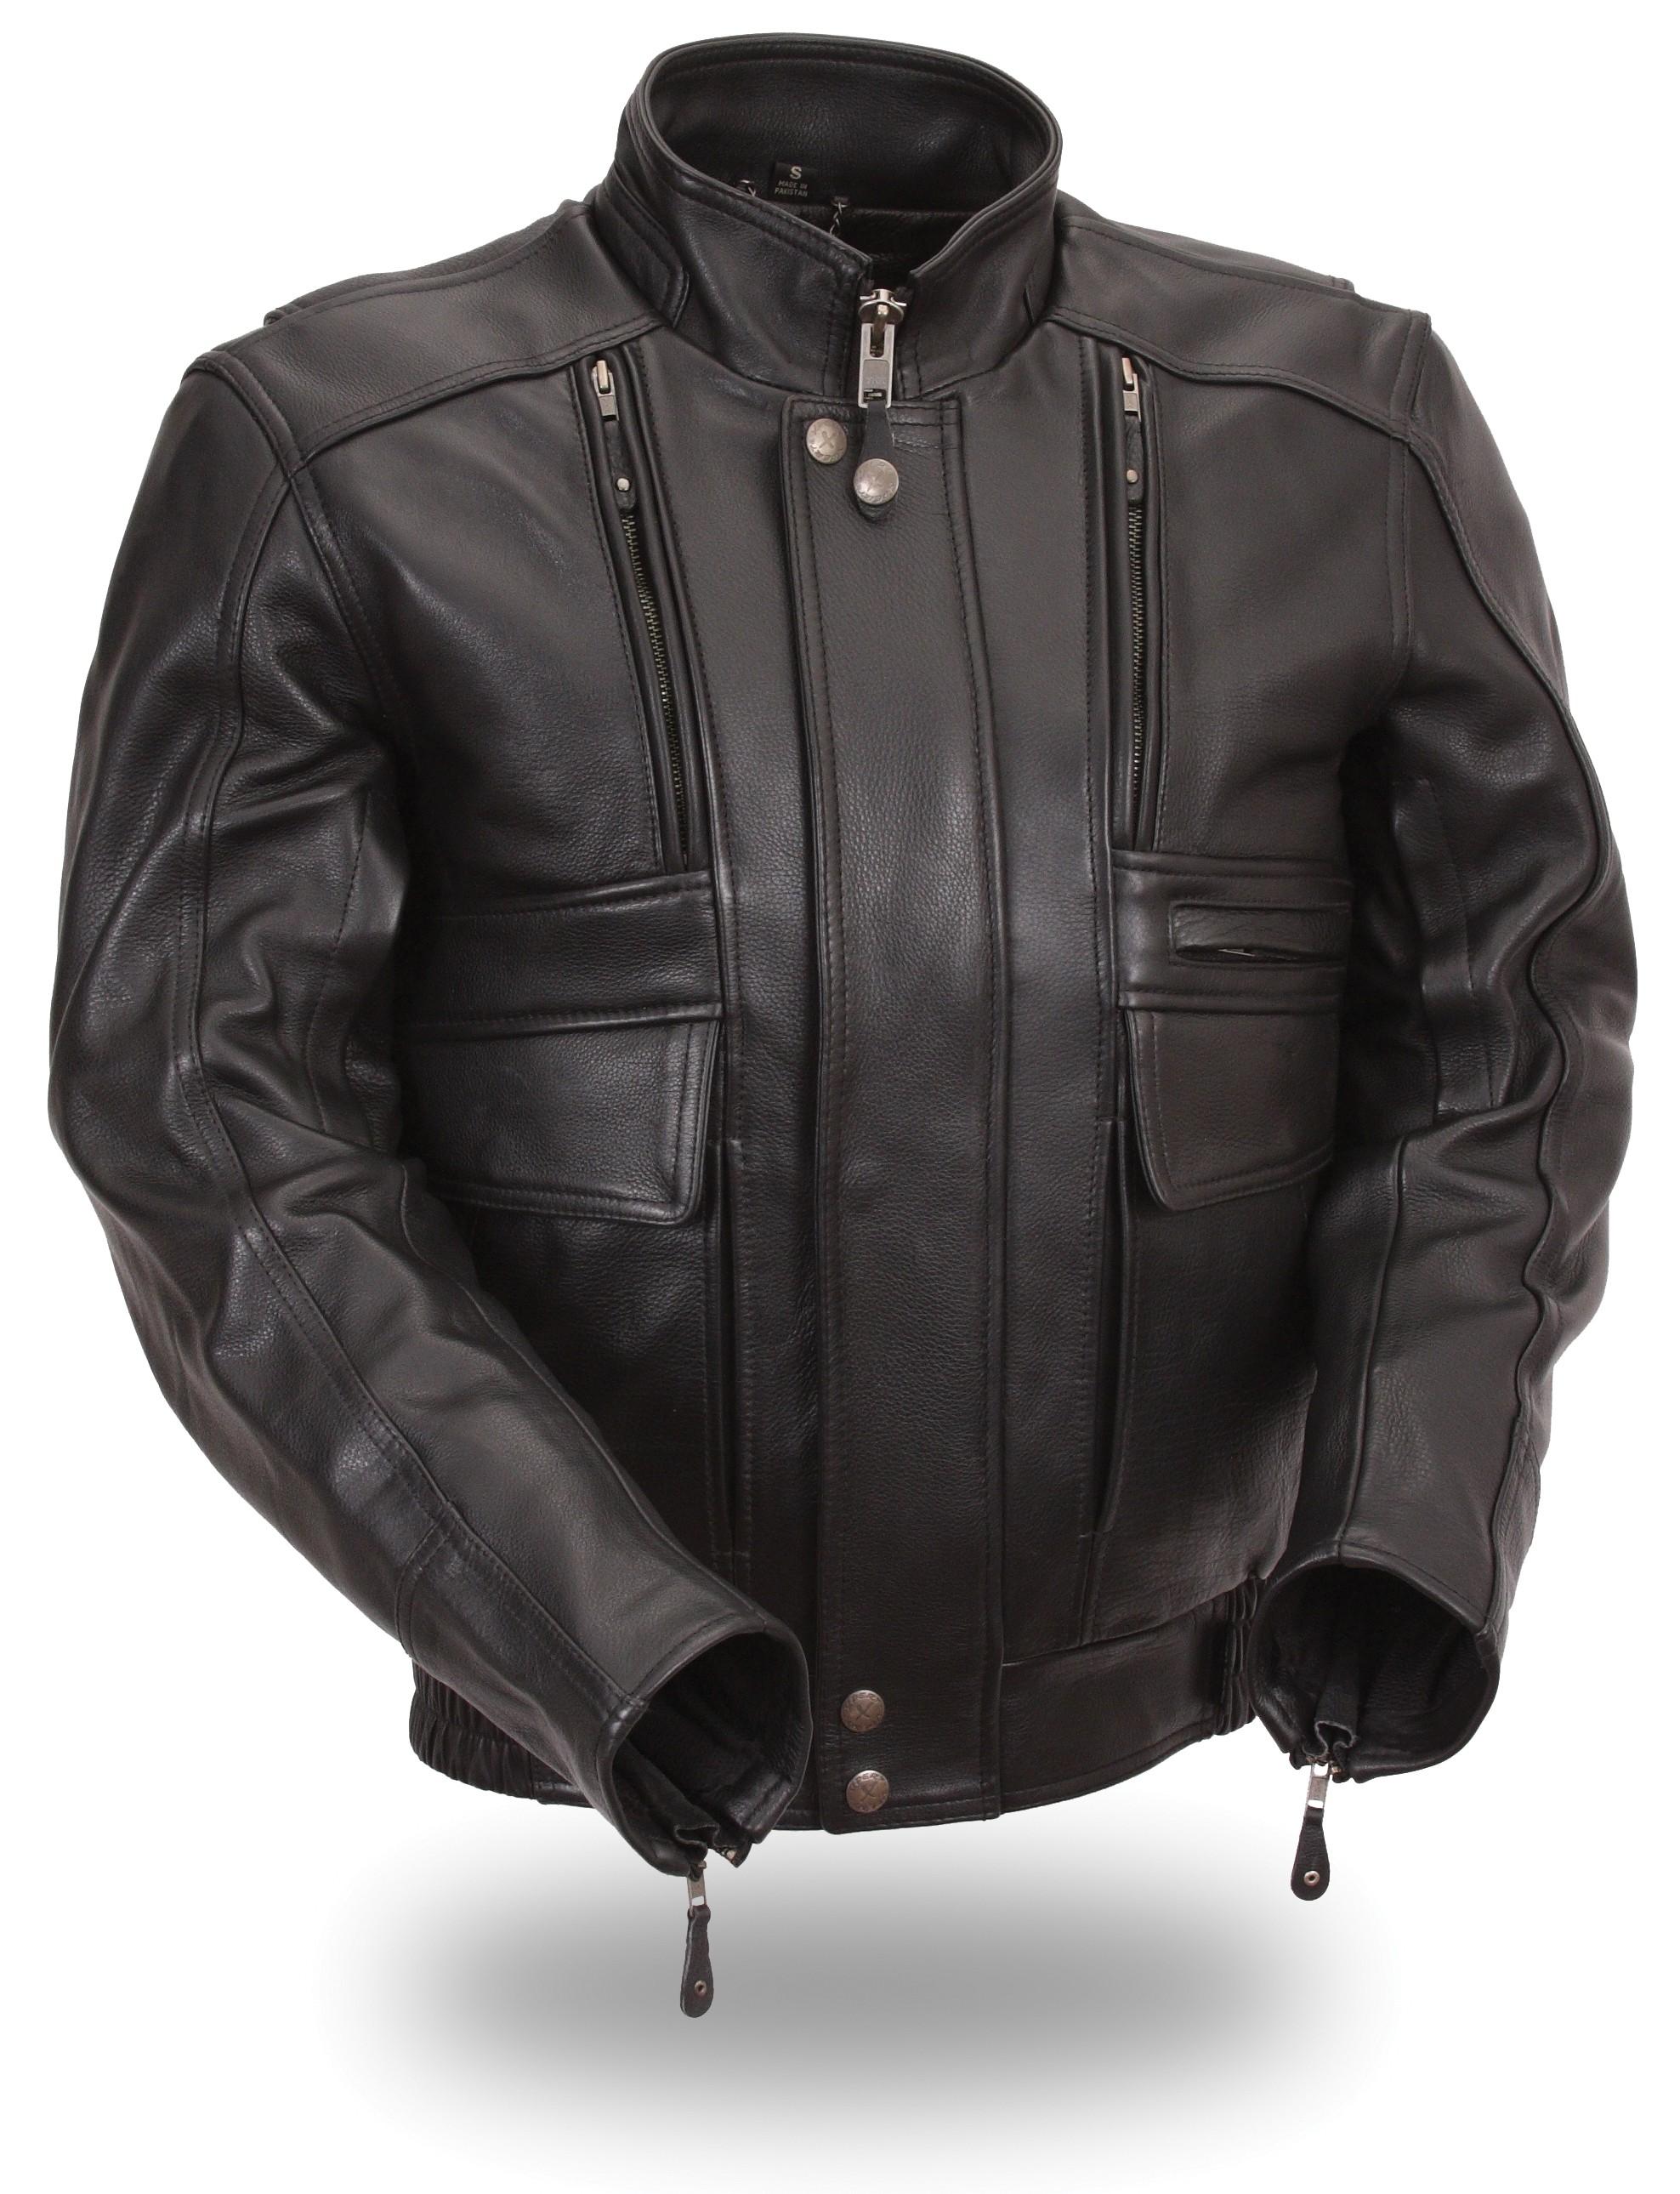 Men's Premium Coburn Jacket XPM-287-NKDZ